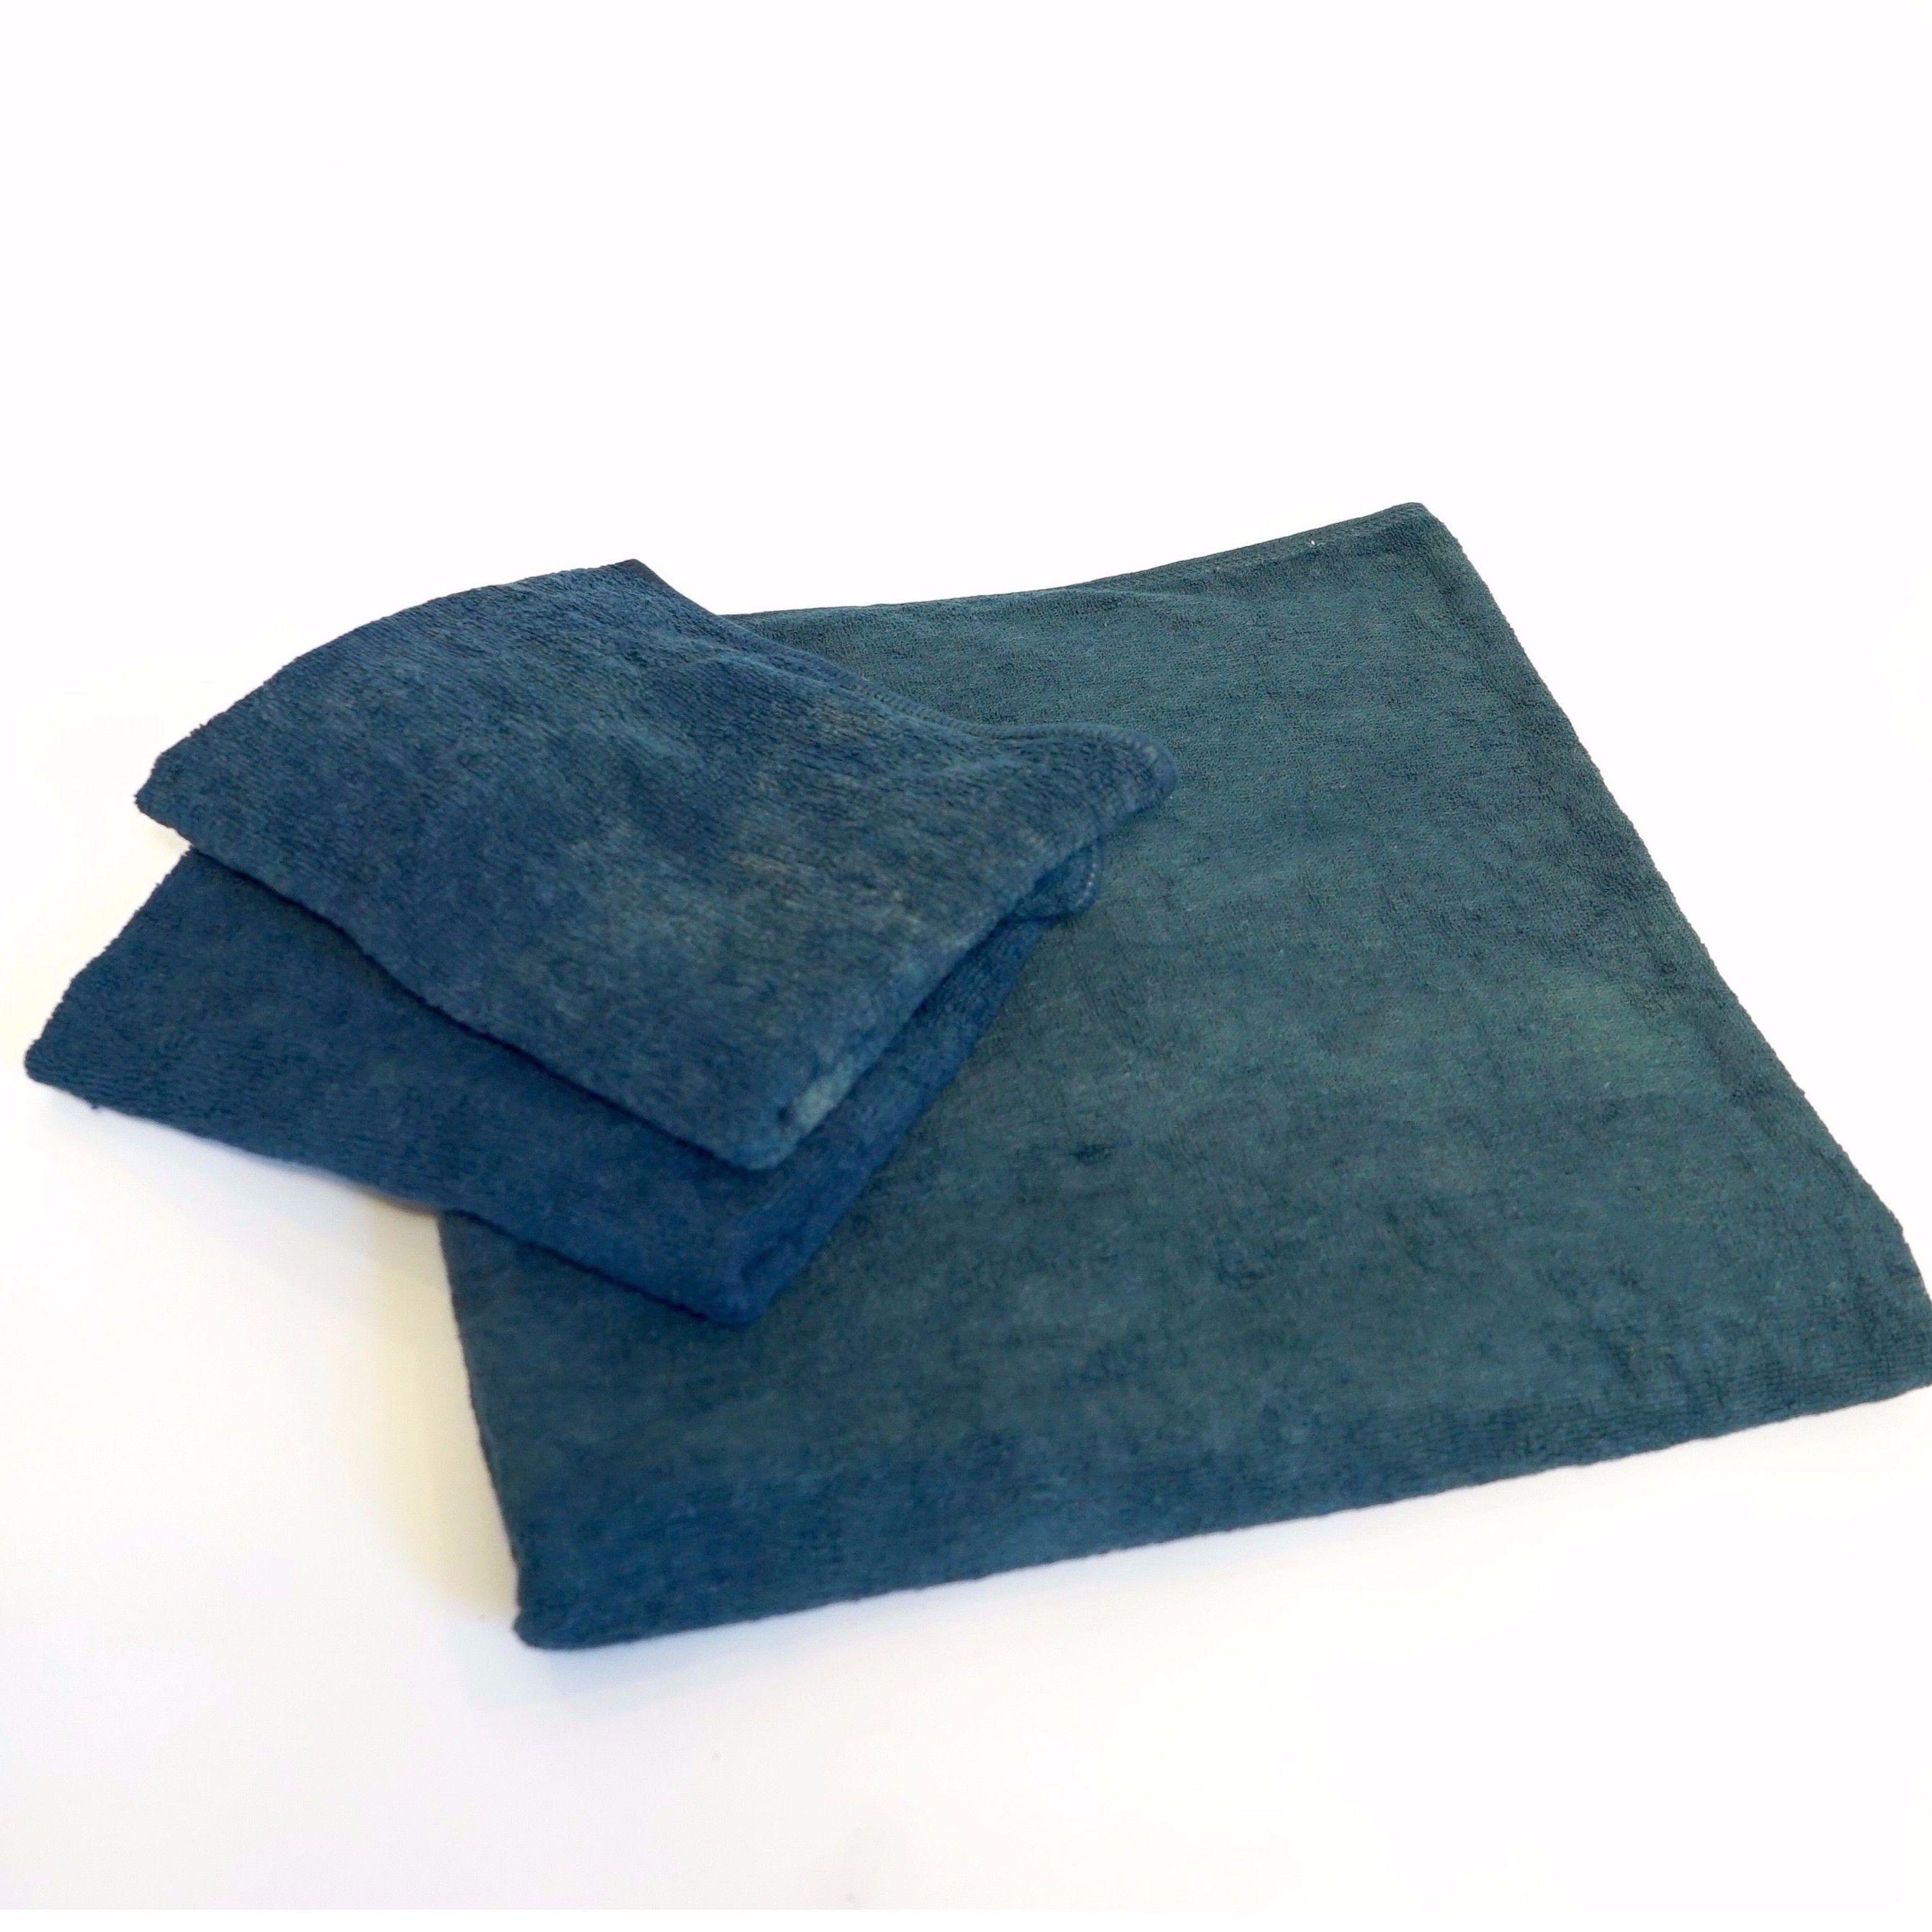 【ギフト】藍染バスタオル&フェイスタオル《お得セット》(バス1枚、フェイス2枚)